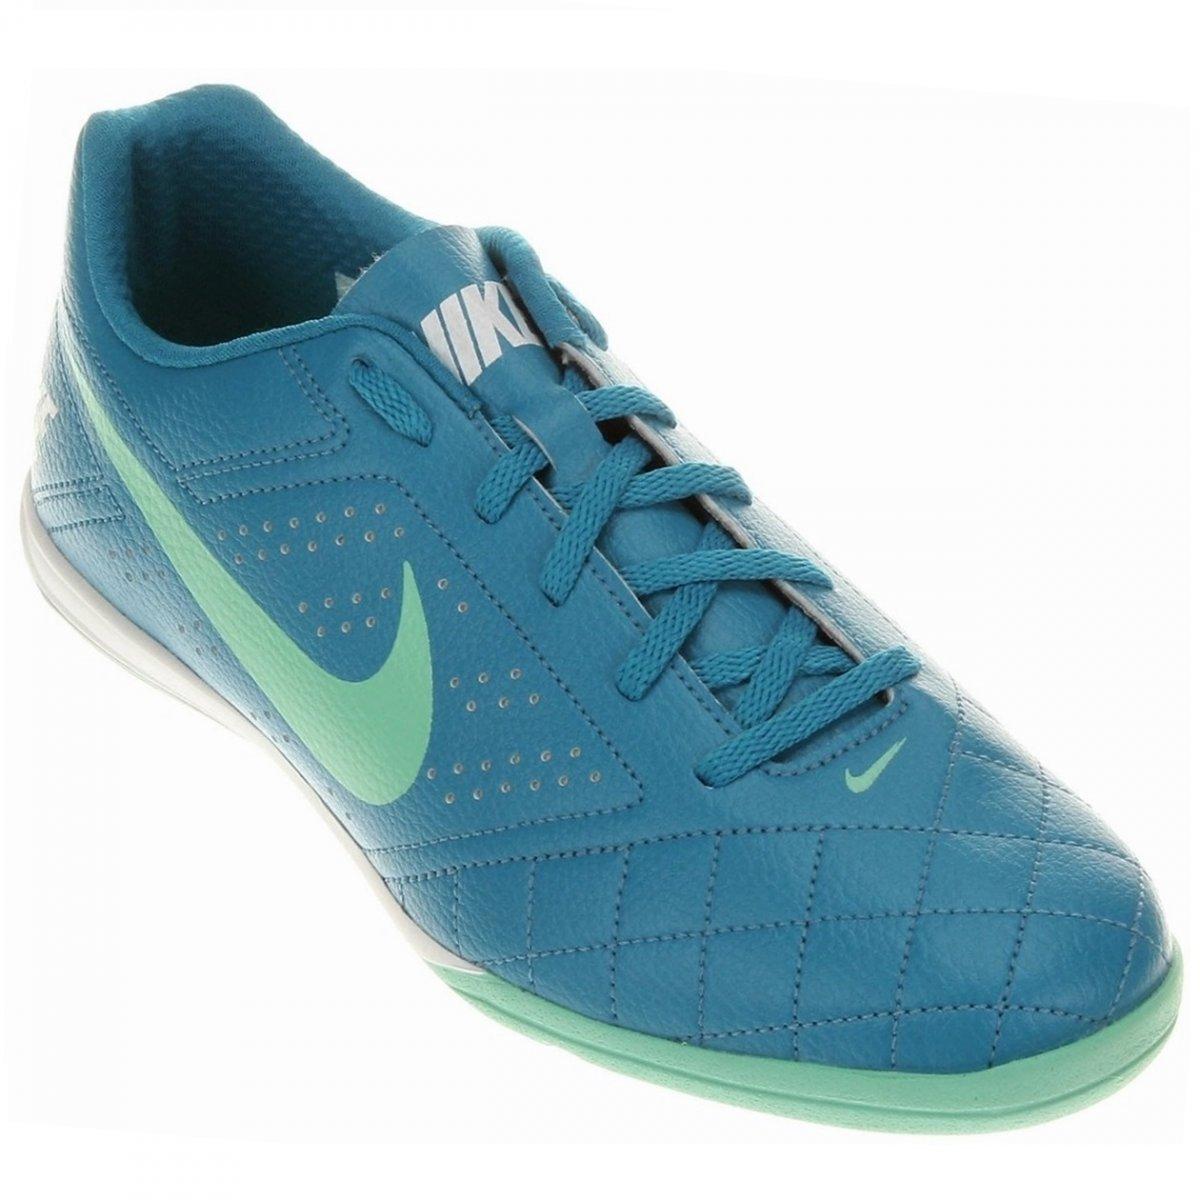 90a8ae4ccece7 Indoor Nike Beco 2 646433-401 - Azul Verde - Calçados Online ...